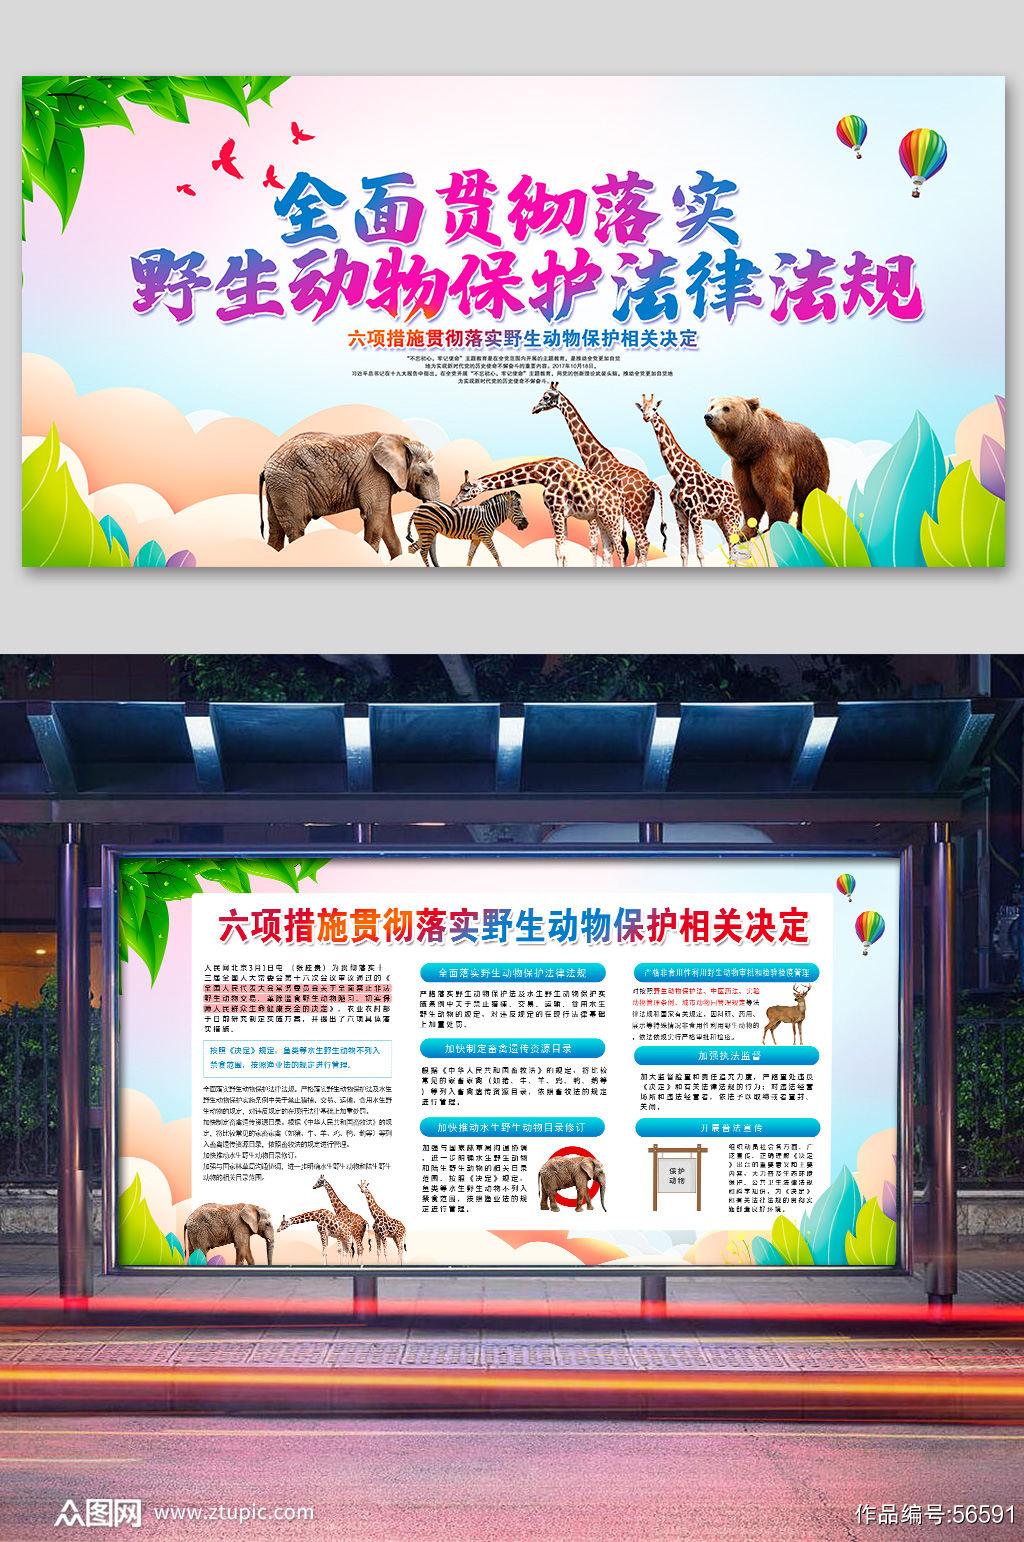 野生动物保护法律法规素材